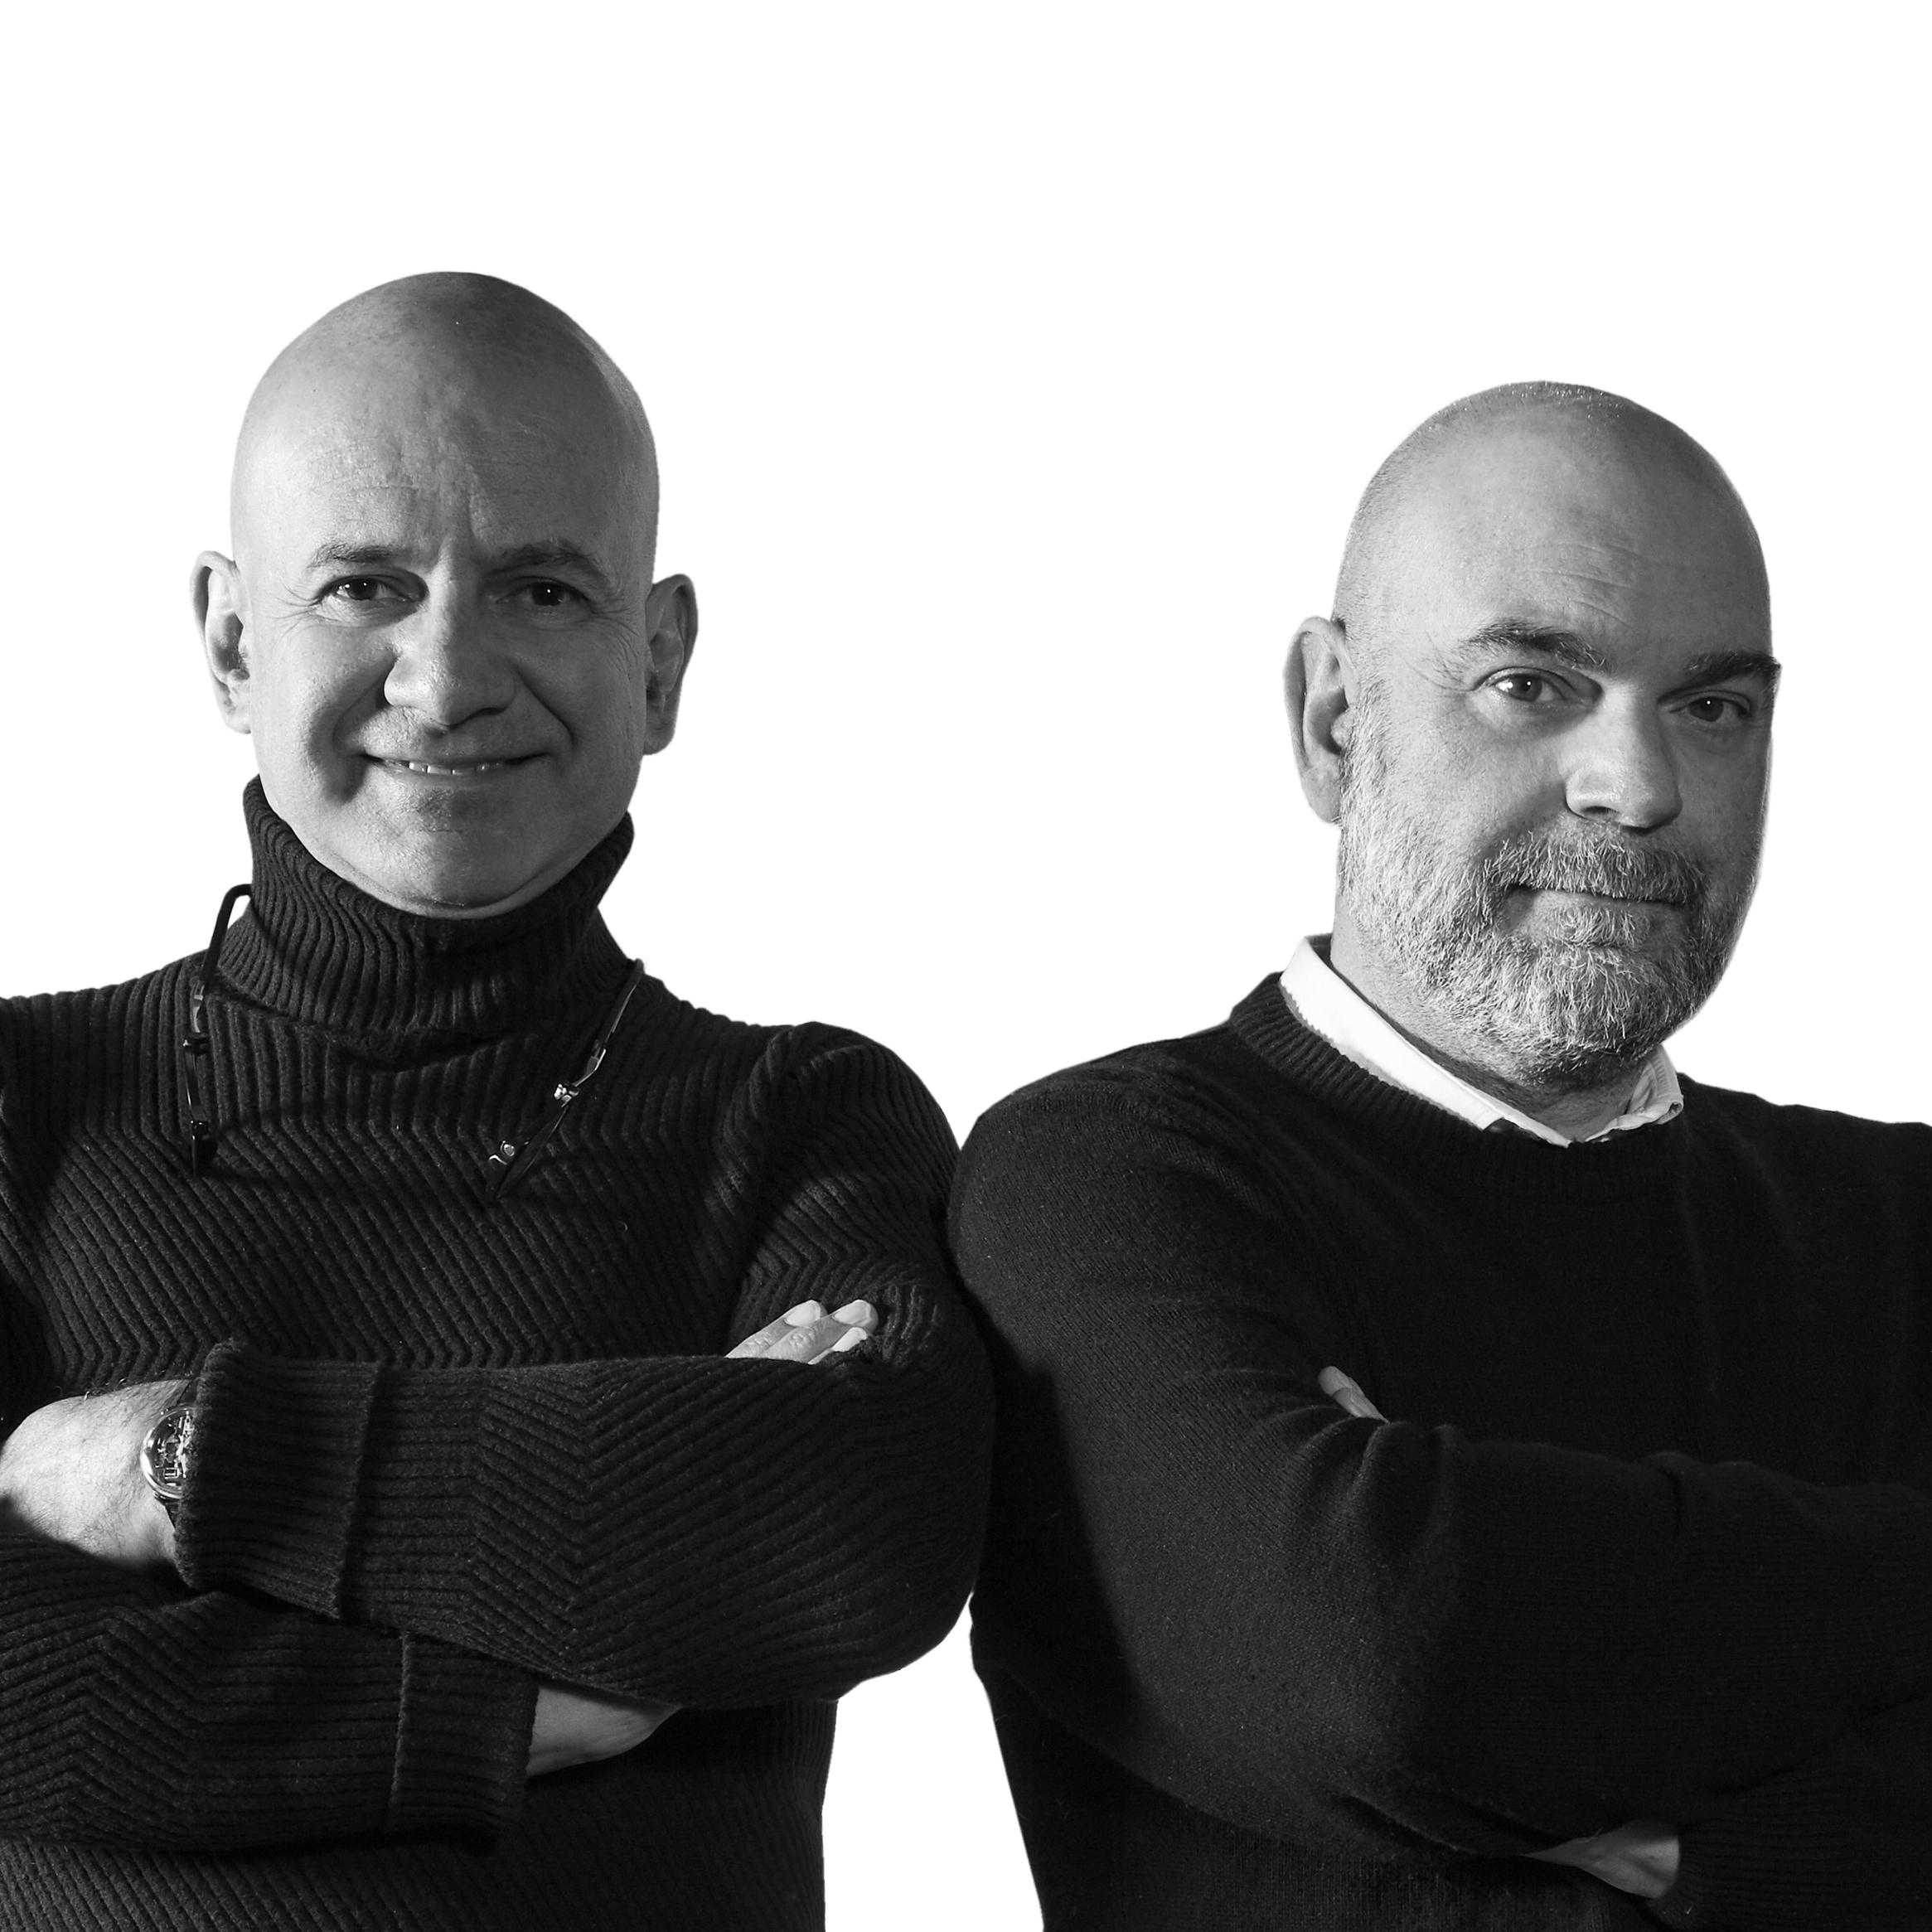 L'esperienza dello spazio: intervista a Vudafieri-Saverino Partners